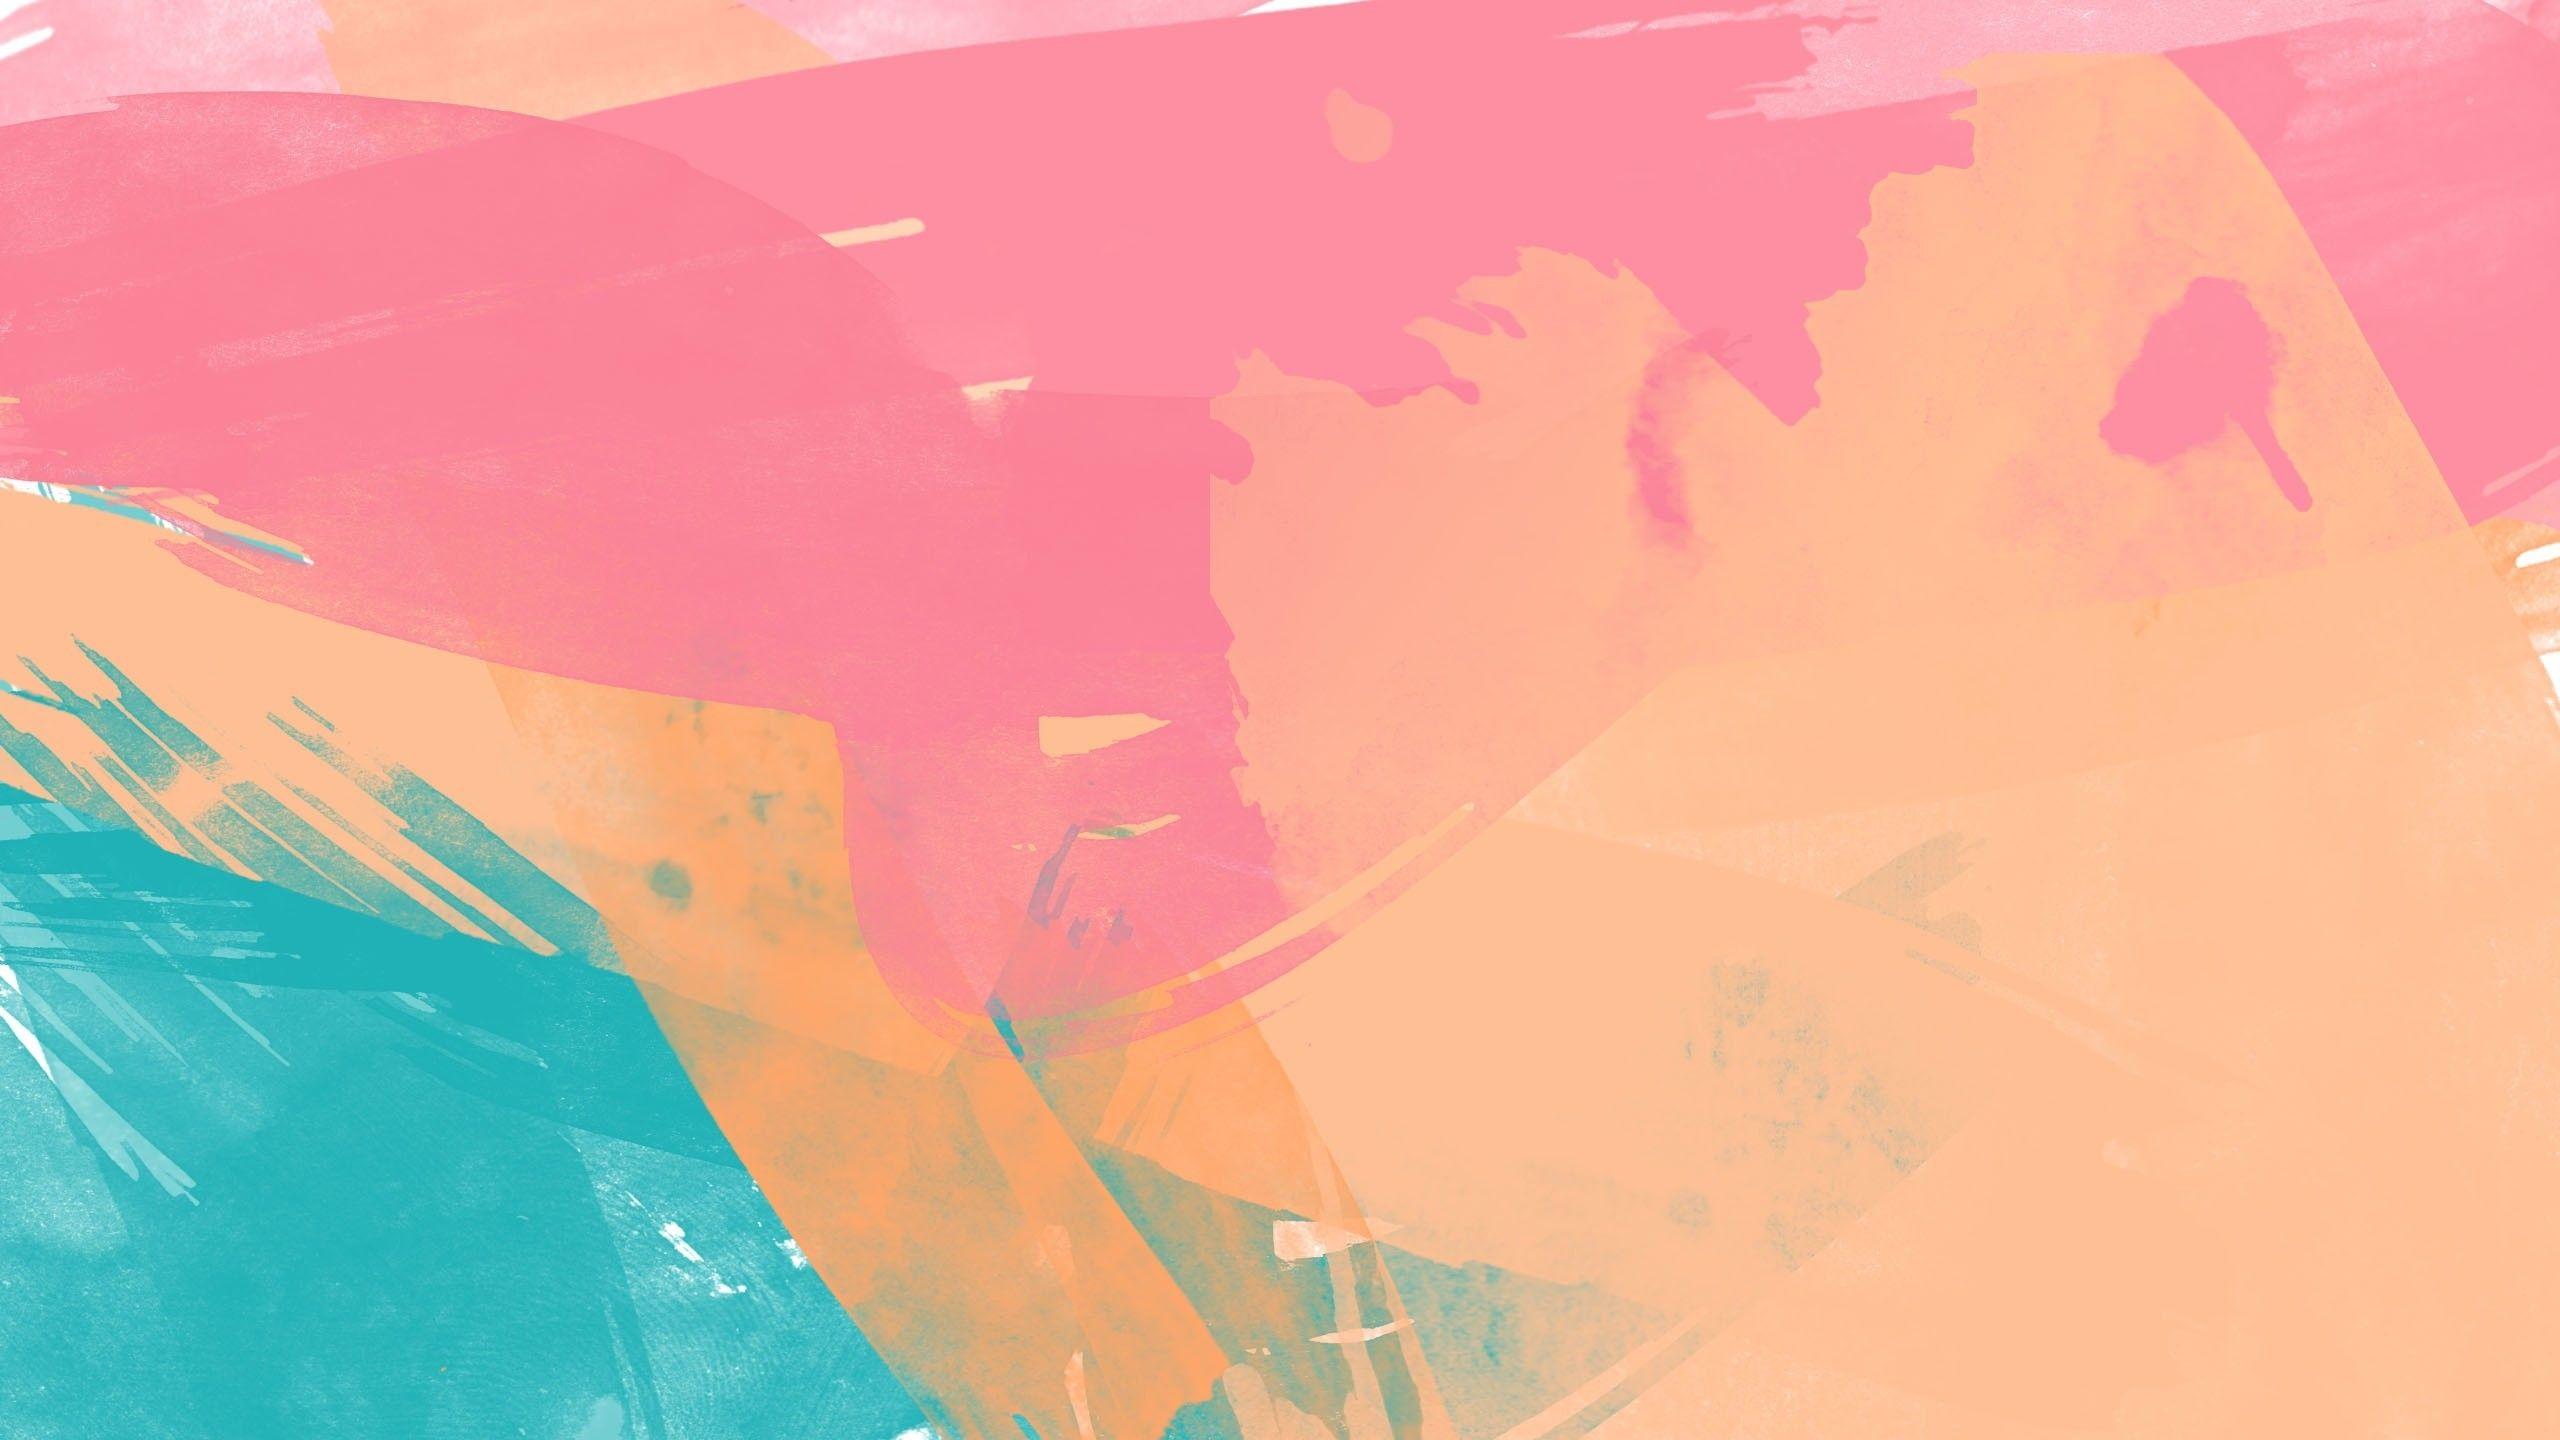 2560x1440 Fondos De Colores Pastel Fondos Gratis 2560x1440